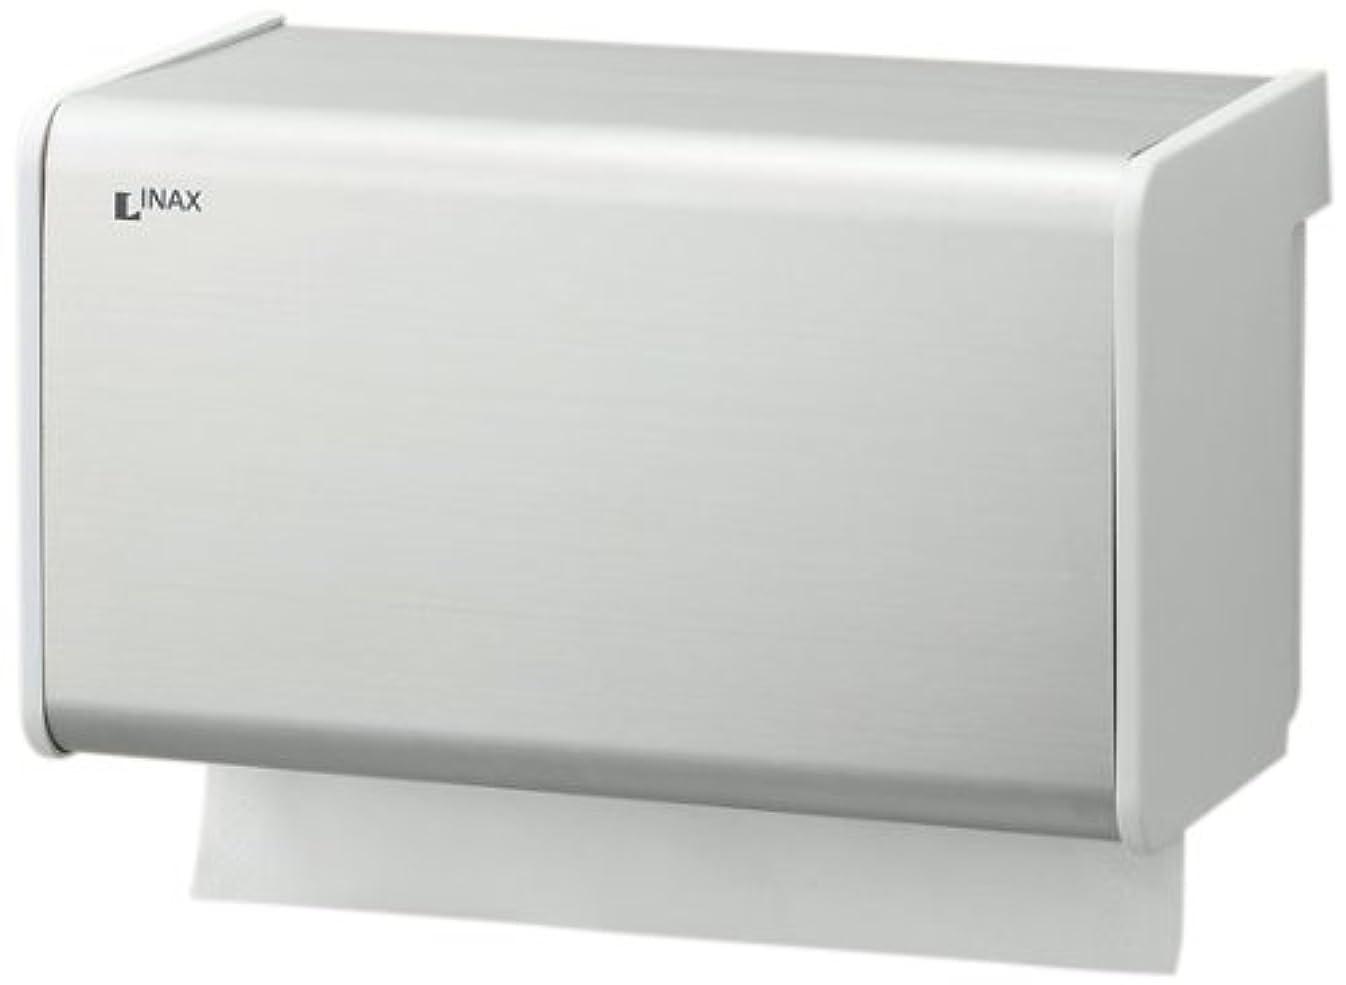 ゆり立場偶然LIXIL(リクシル) INAX トイレ用 ペーパータオルホルダー 壁付形 KF-16U